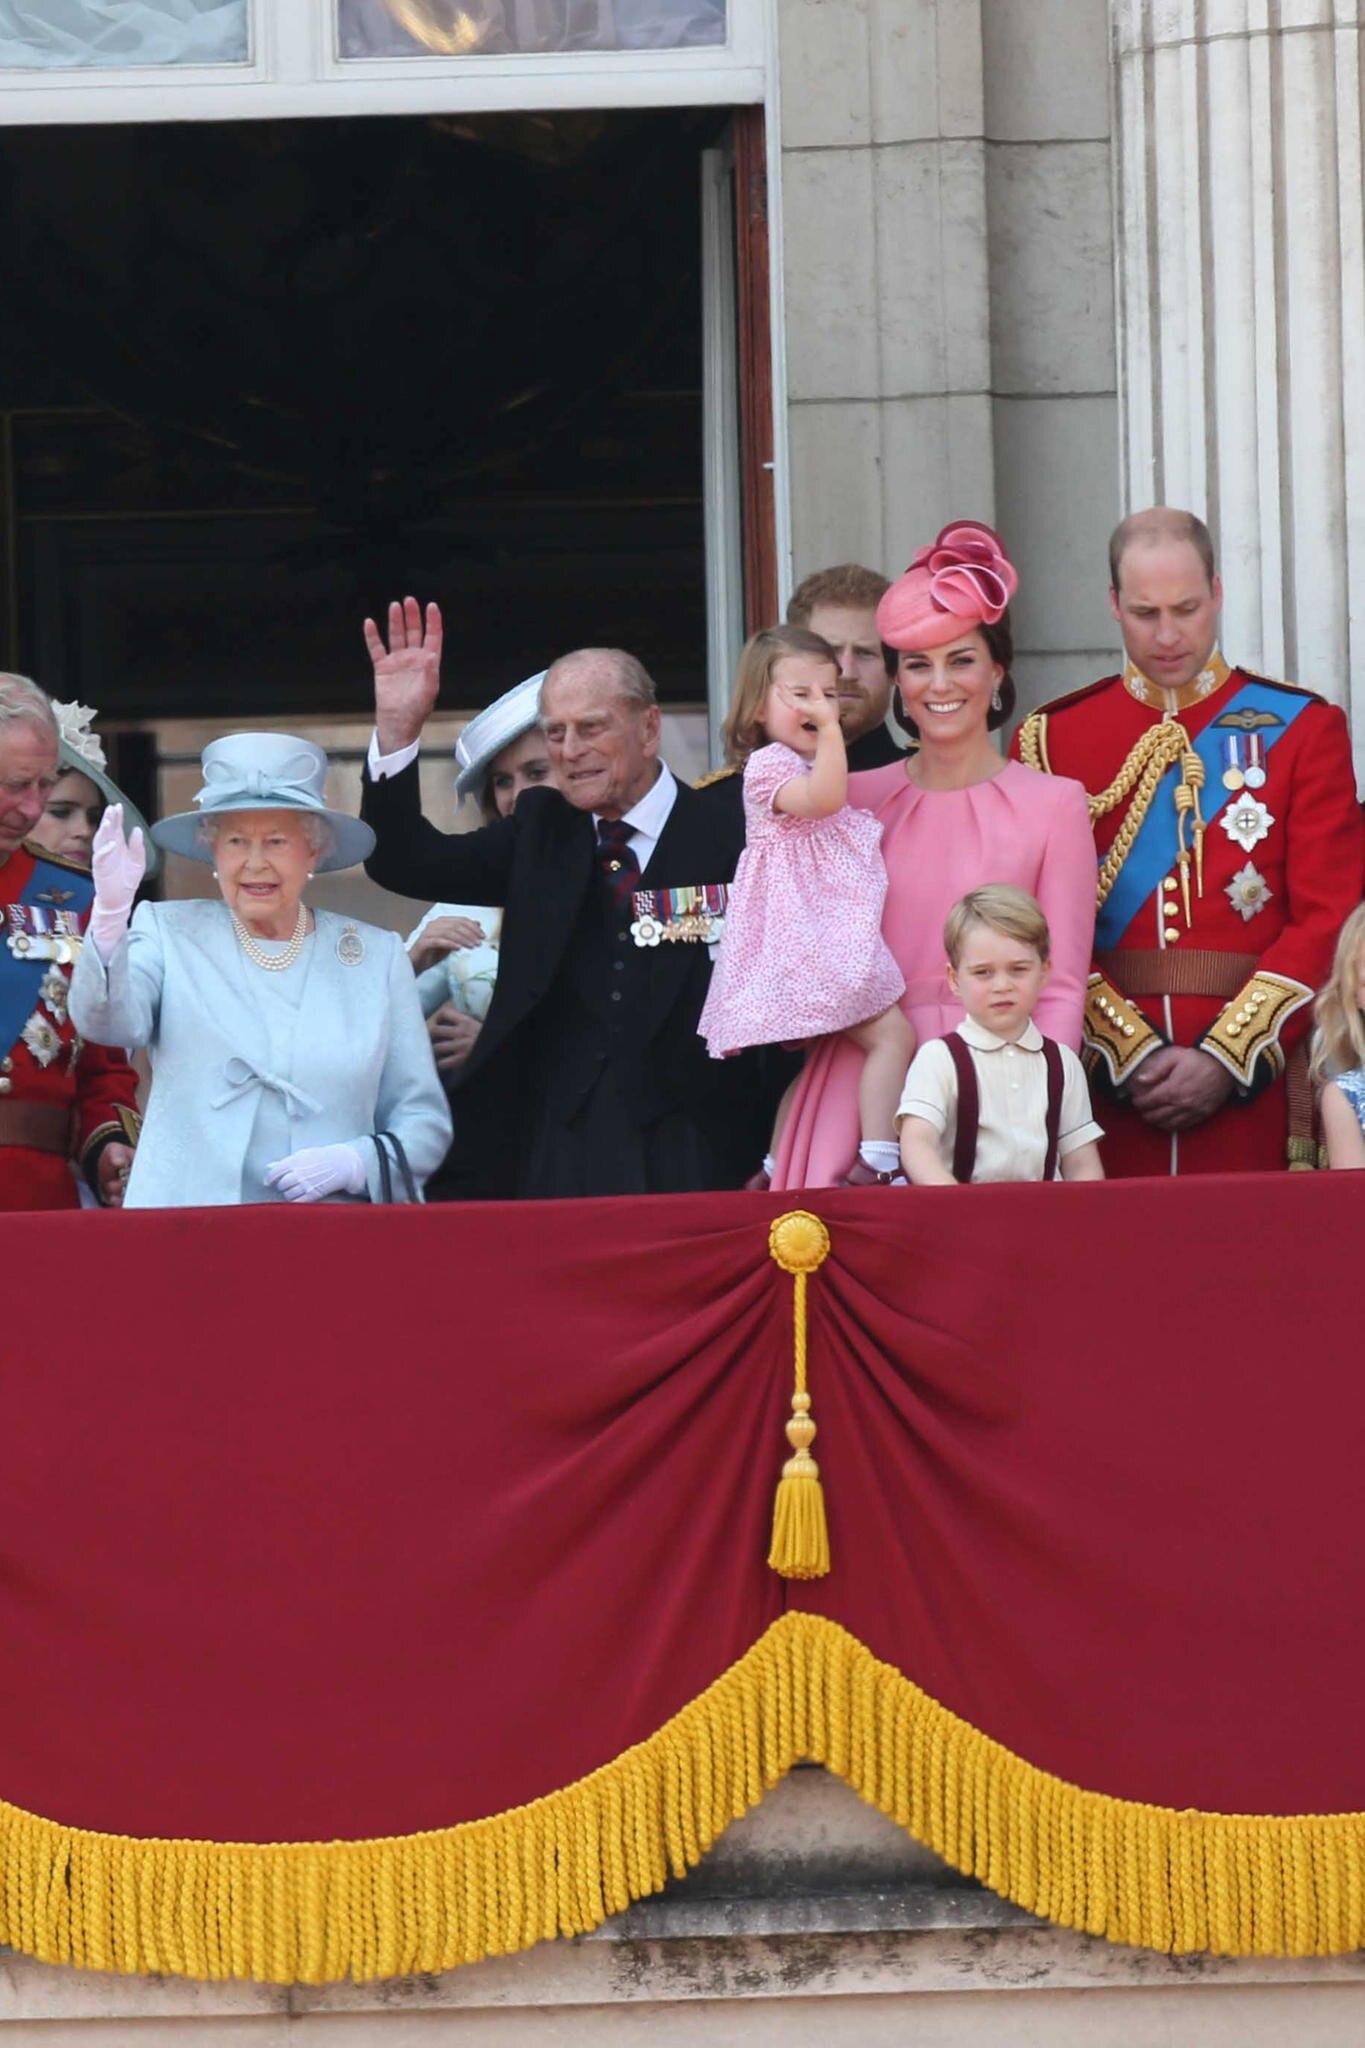 Die britischen Royals (v.l.n.r.): Die Queen, Prinz Philip, Prinzessin Charlotte auf dem Arm von Herzogin Catherine, Prinz William und Prinz George (vorne)